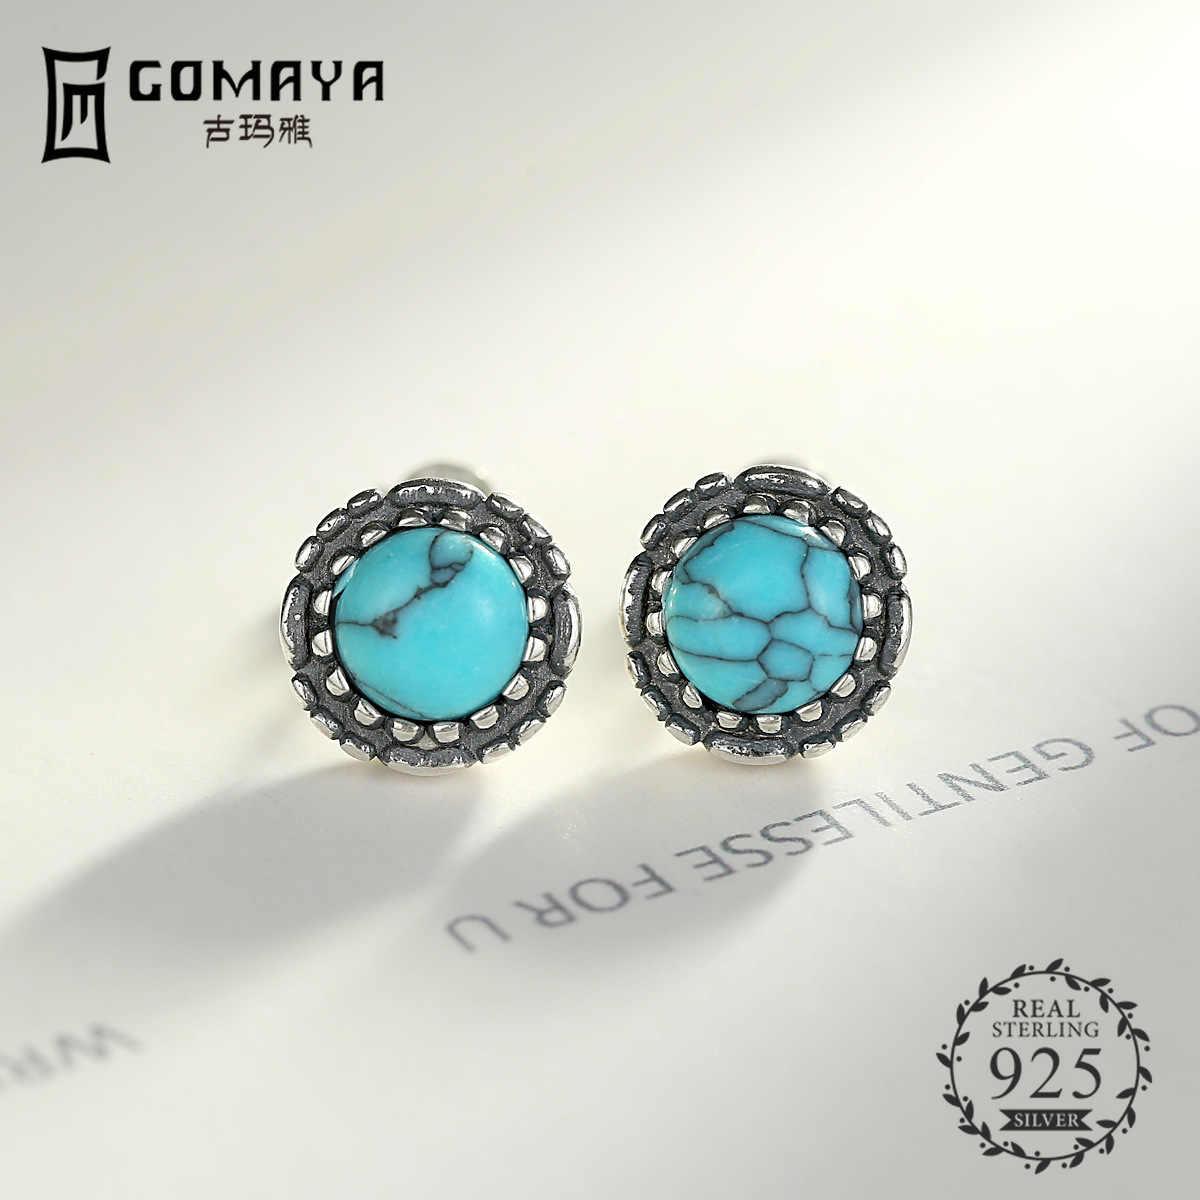 GOMAYA 100% 925 เงินสเตอร์ลิงเครื่องประดับต่างหูแฟชั่น Vintage Turquoise อัญมณีต่างหูสตั๊ดของขวัญ